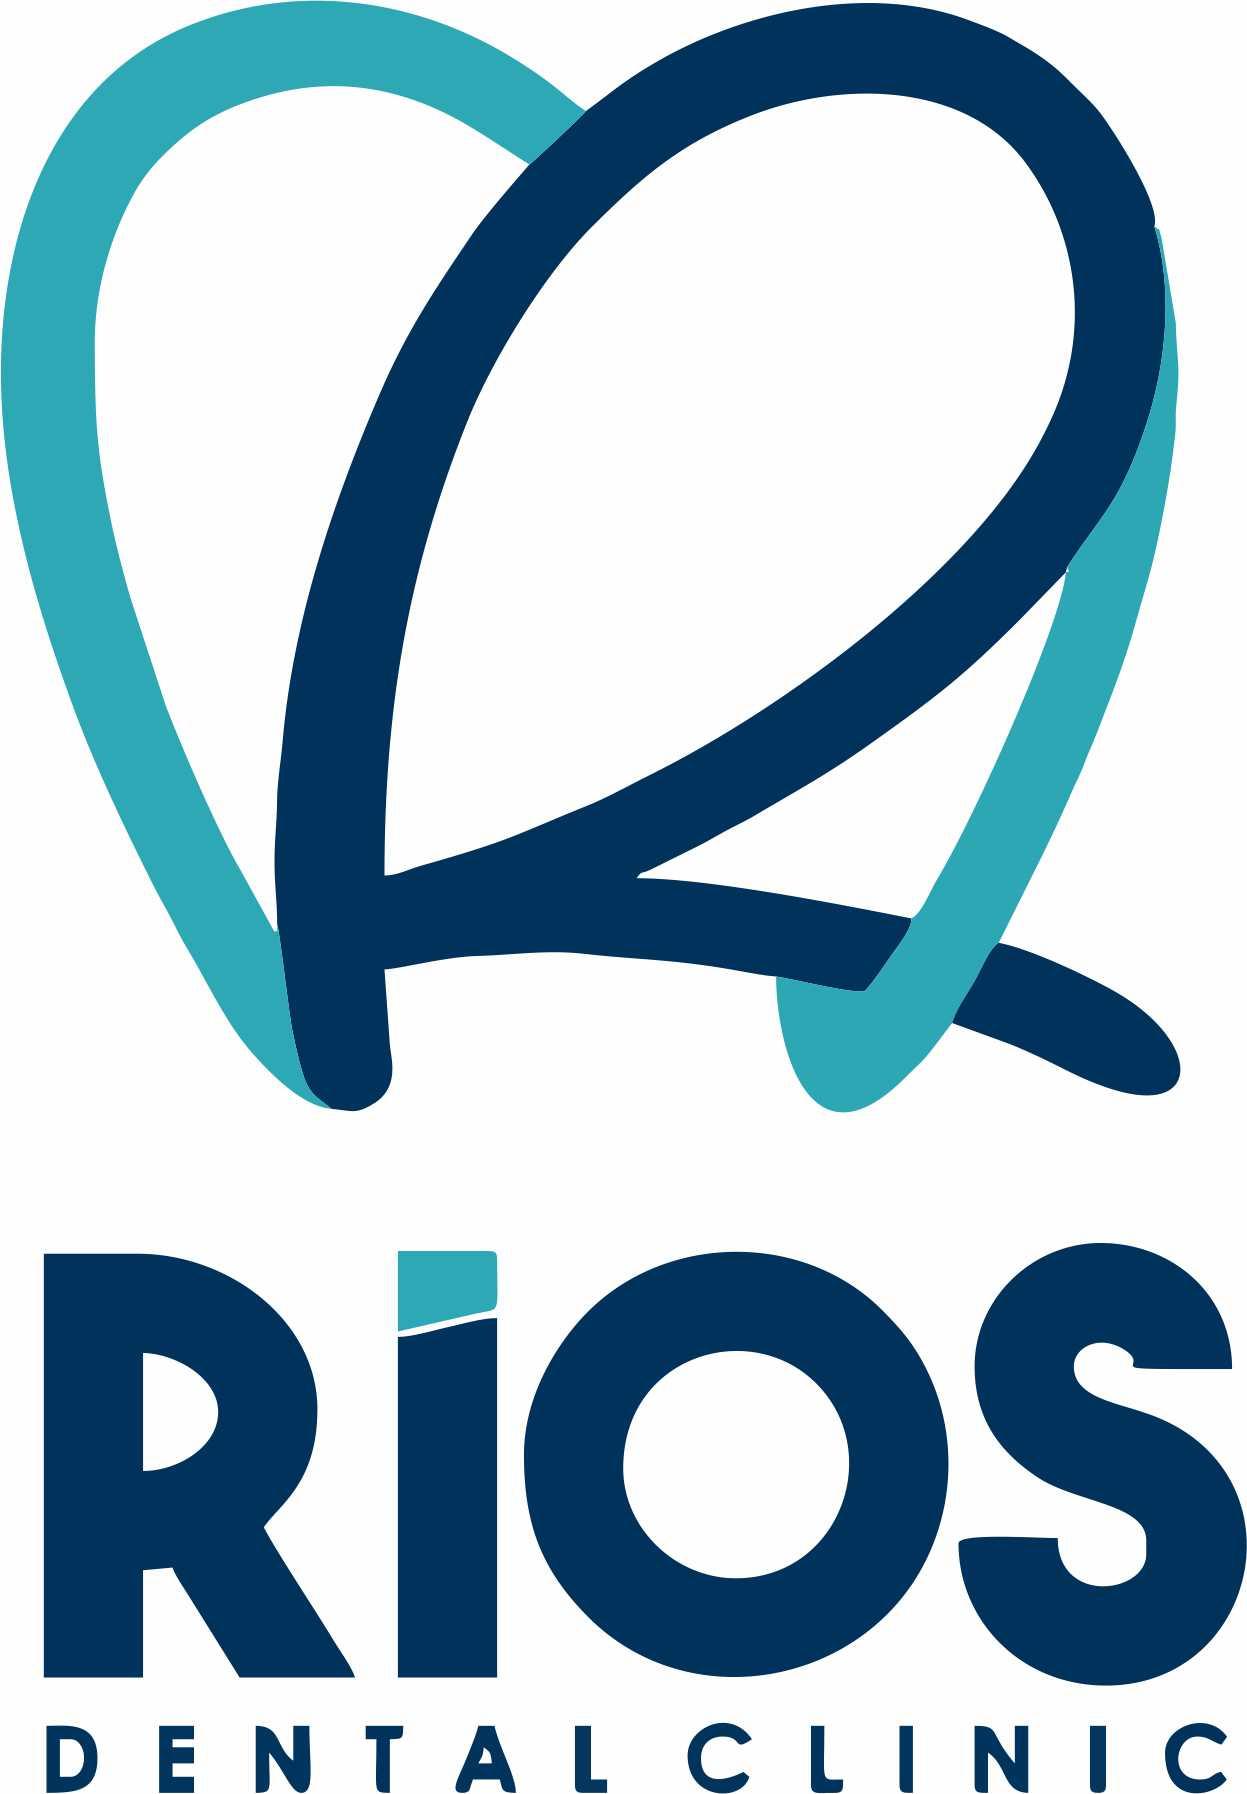 Rios Dental Clinic